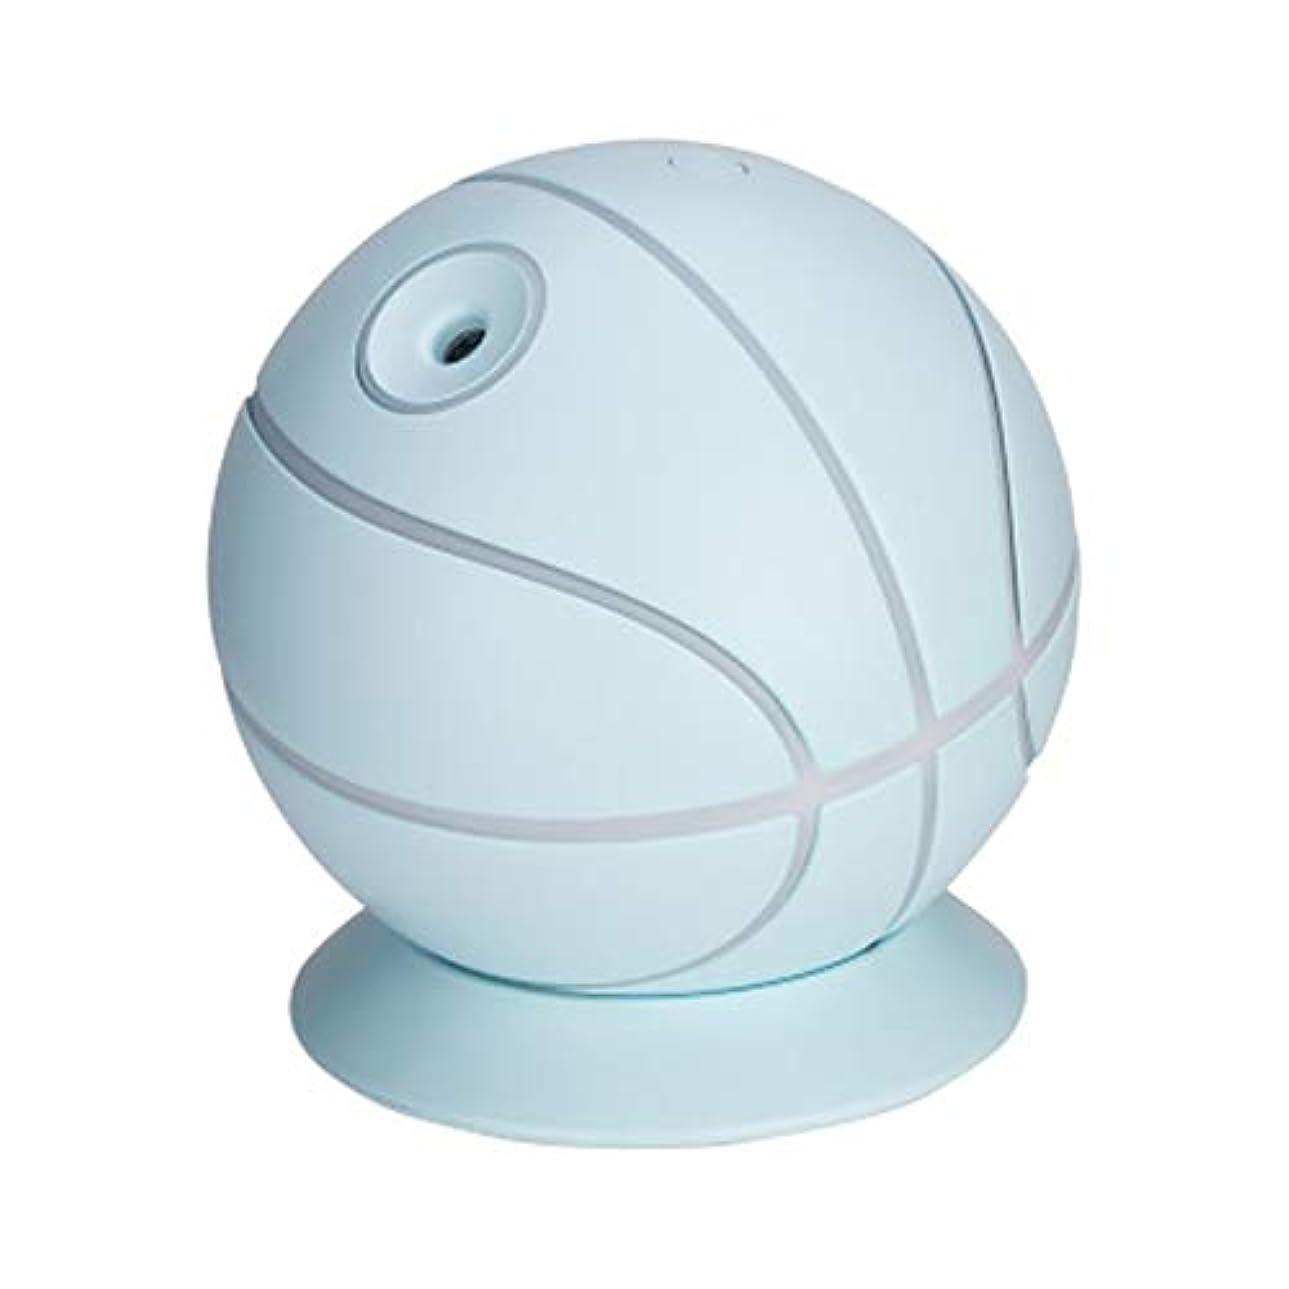 バスケットボール エッセンシャルオイル ディフューザー、 USB 超音波 酸素 流量計 アトマイザー クールミスト 空気 加湿器、 180° ロータリー ミニ ディフューザー にとって ホーム 車 事,Blue